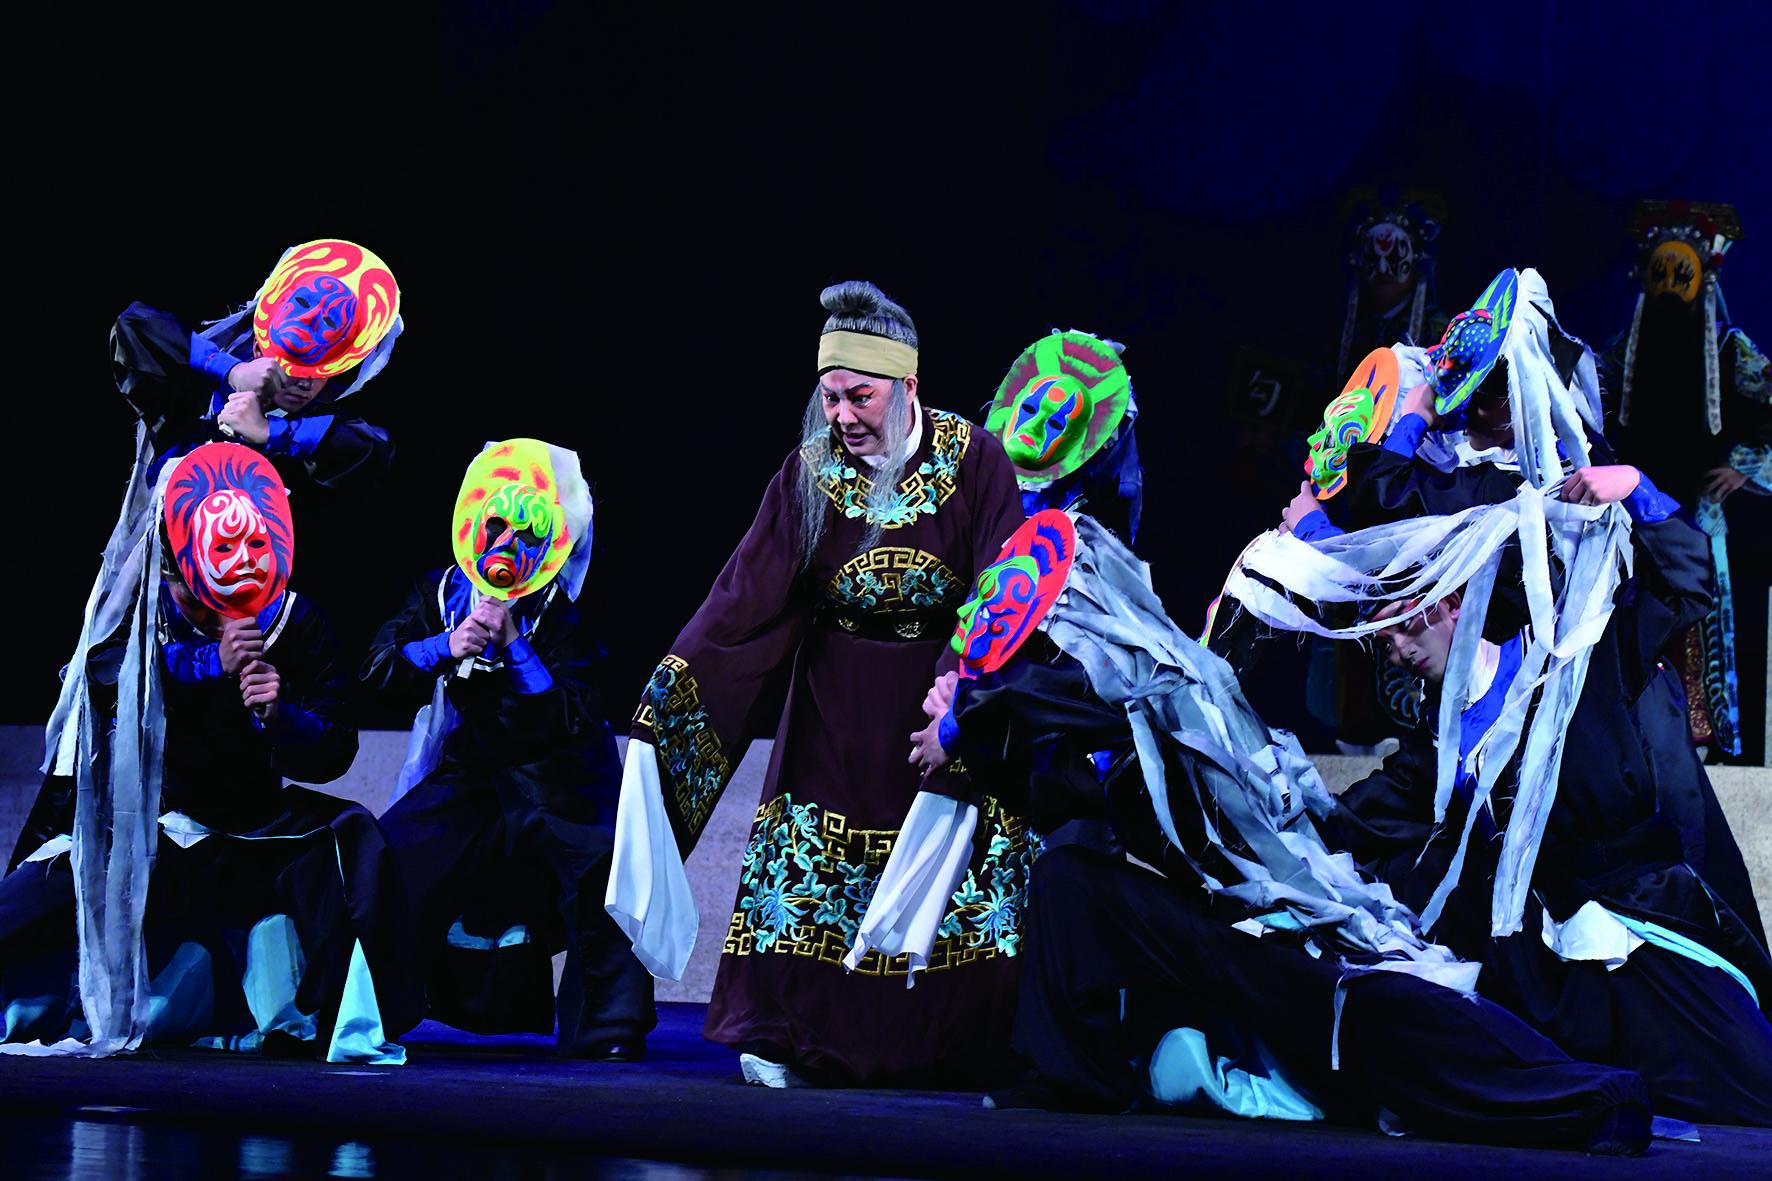 2019 年臺灣豫劇團《龍袍》,以宋宮密史老戲新編 ,並以創新手法展現傳統戲曲的多元包容能力與活力。.JPG